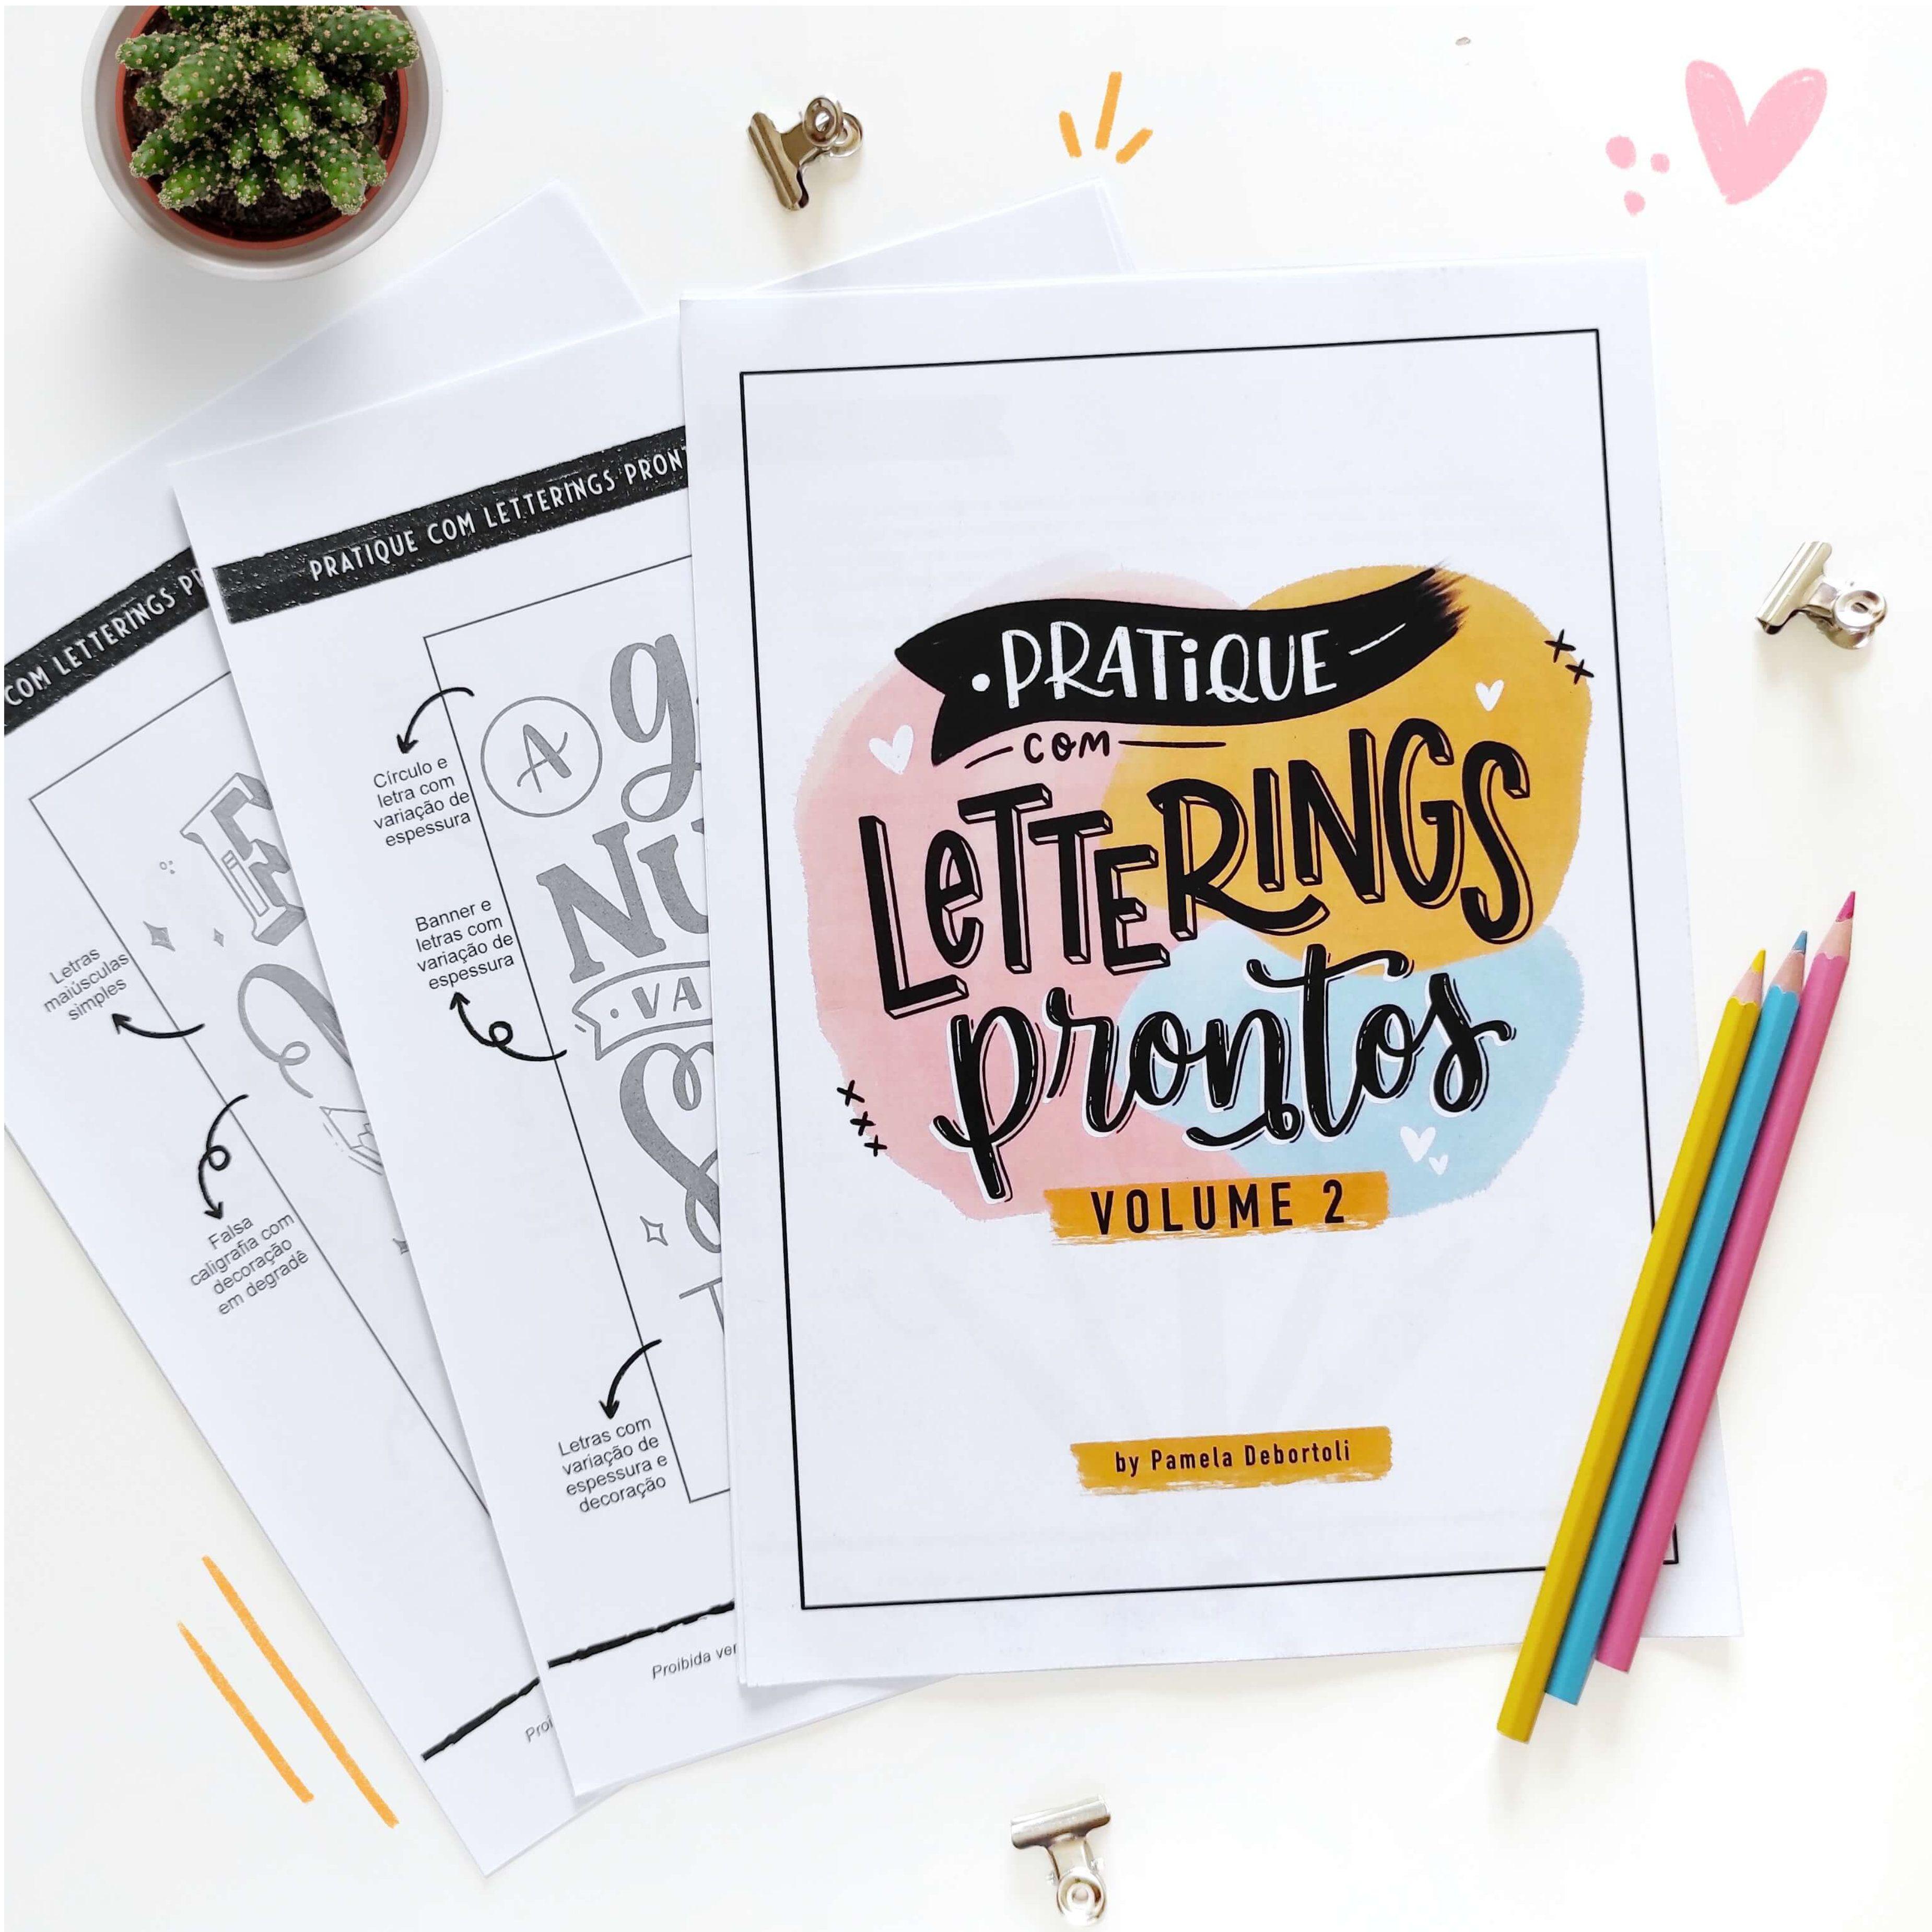 Pratique com Letterings Prontos - Vol. 2